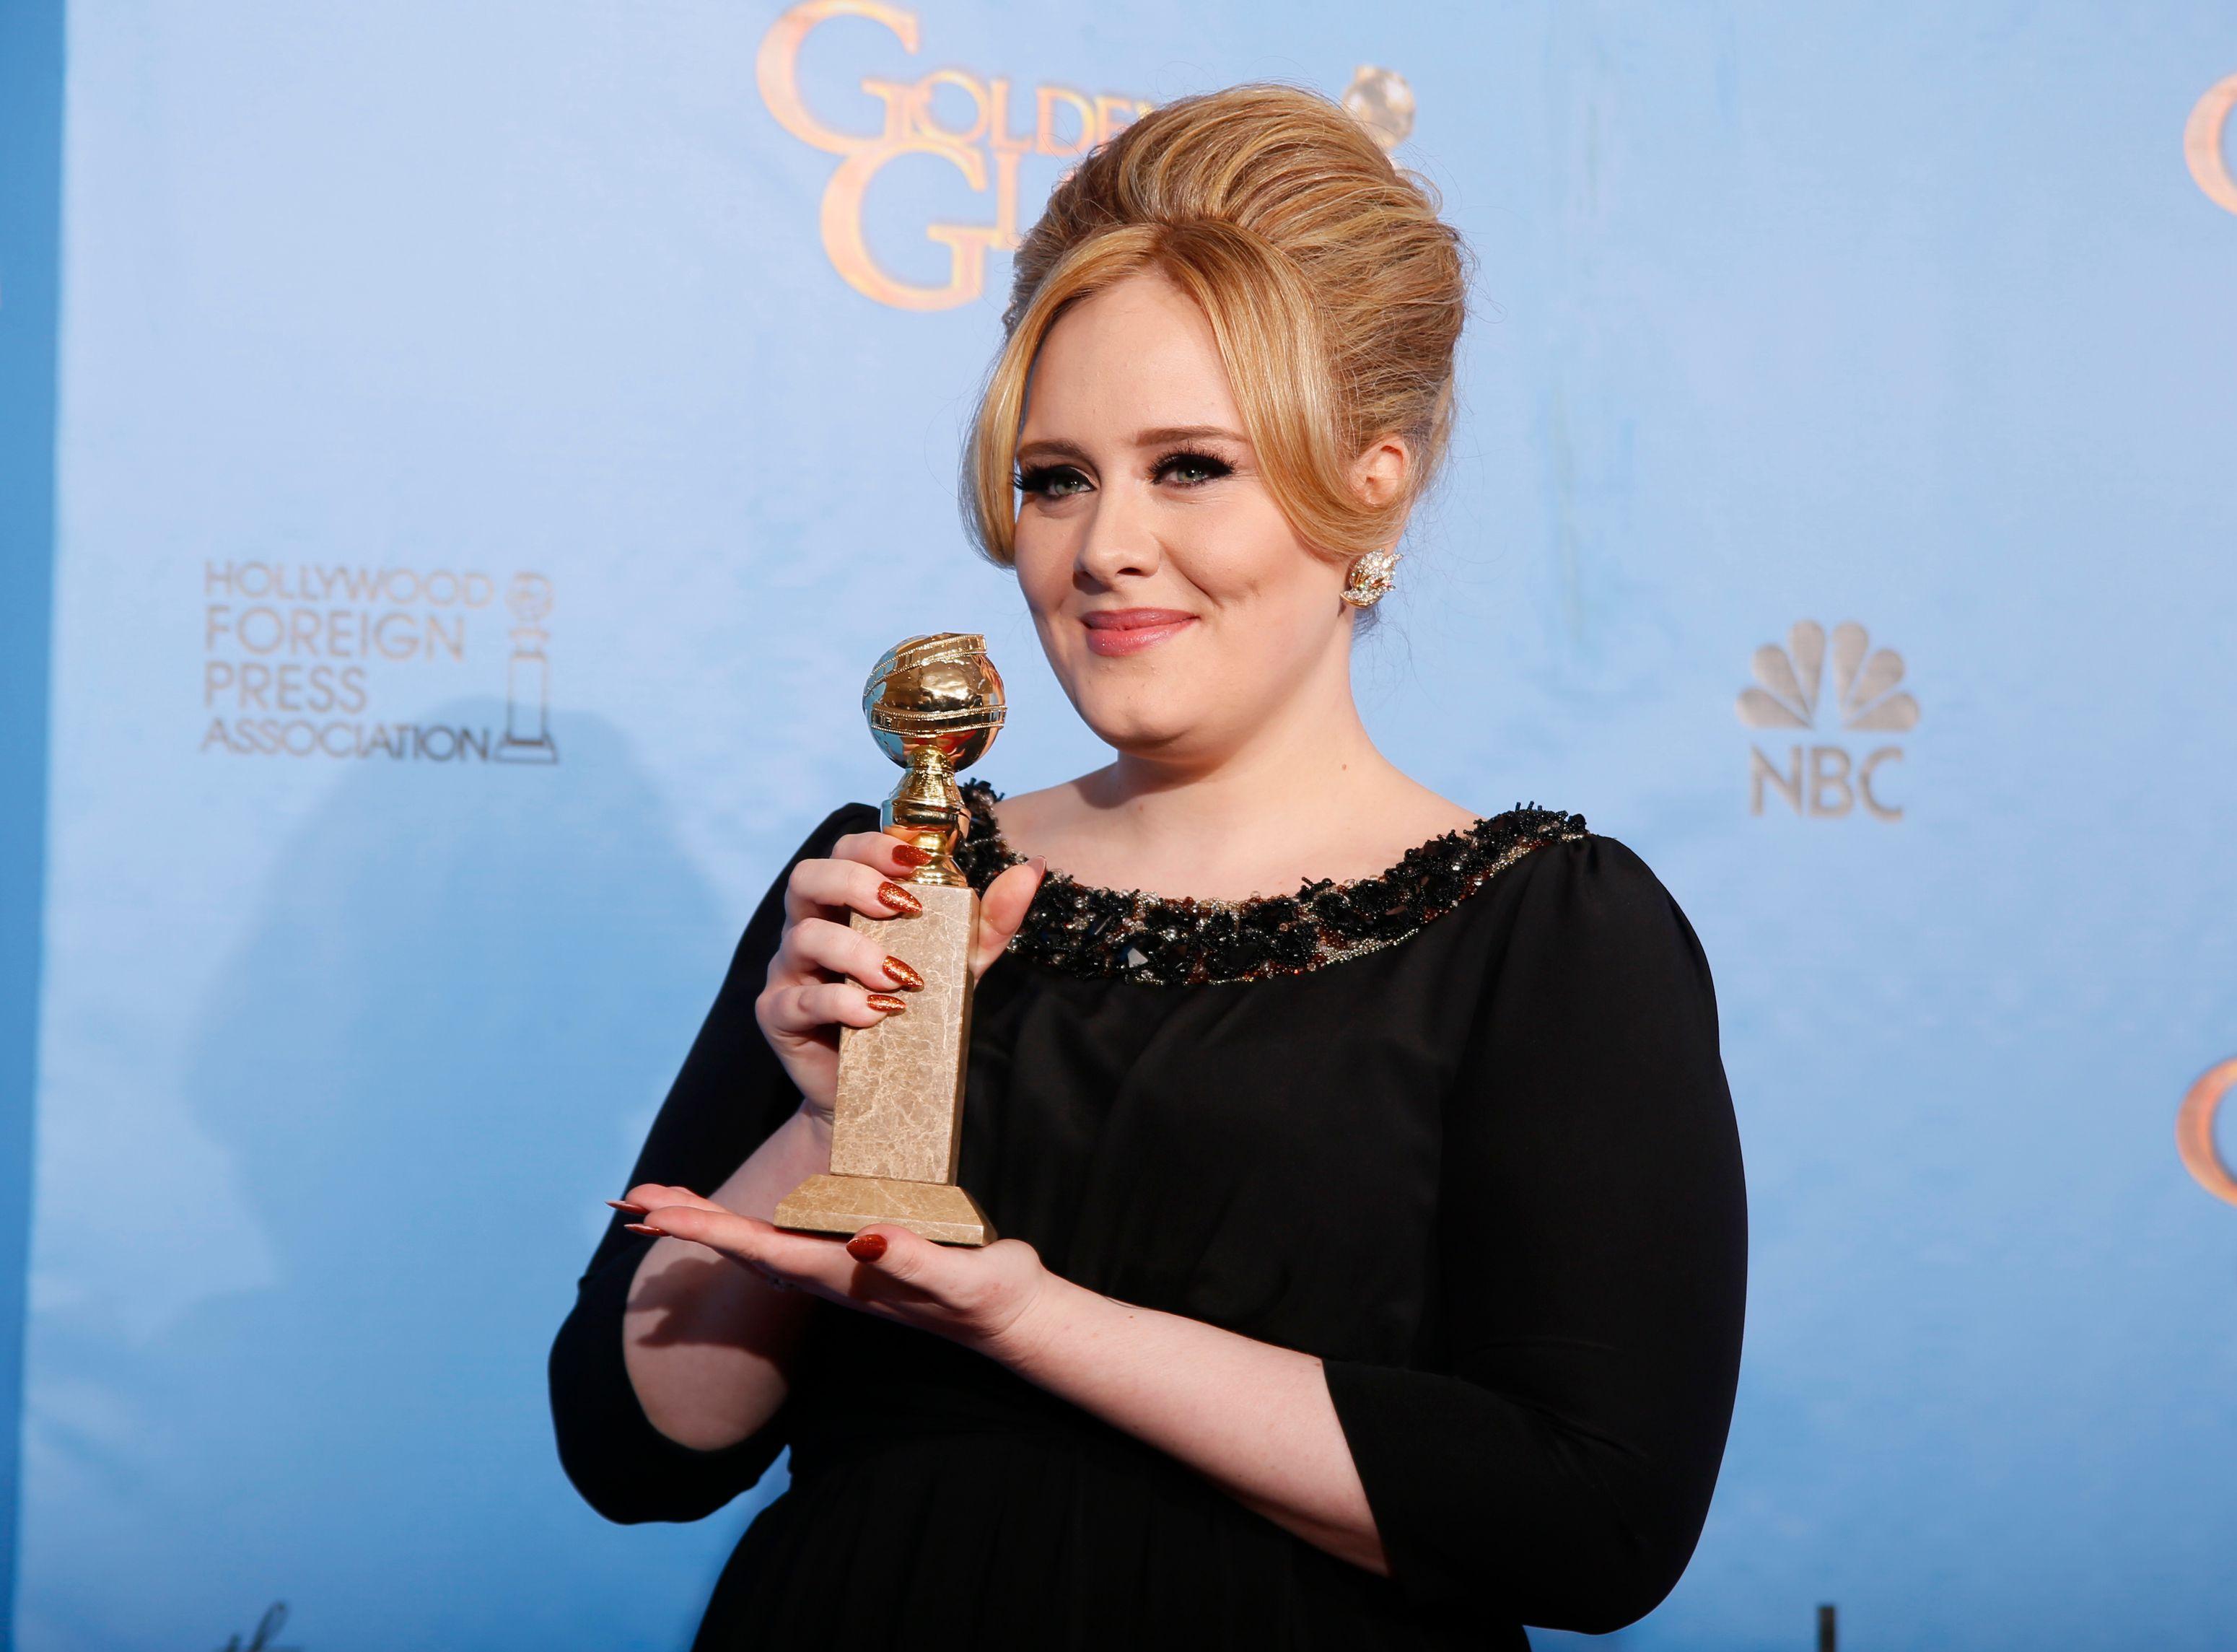 Adele fait un carton : 2,3 millions d'albums écoulés en trois jours aux États-Unis